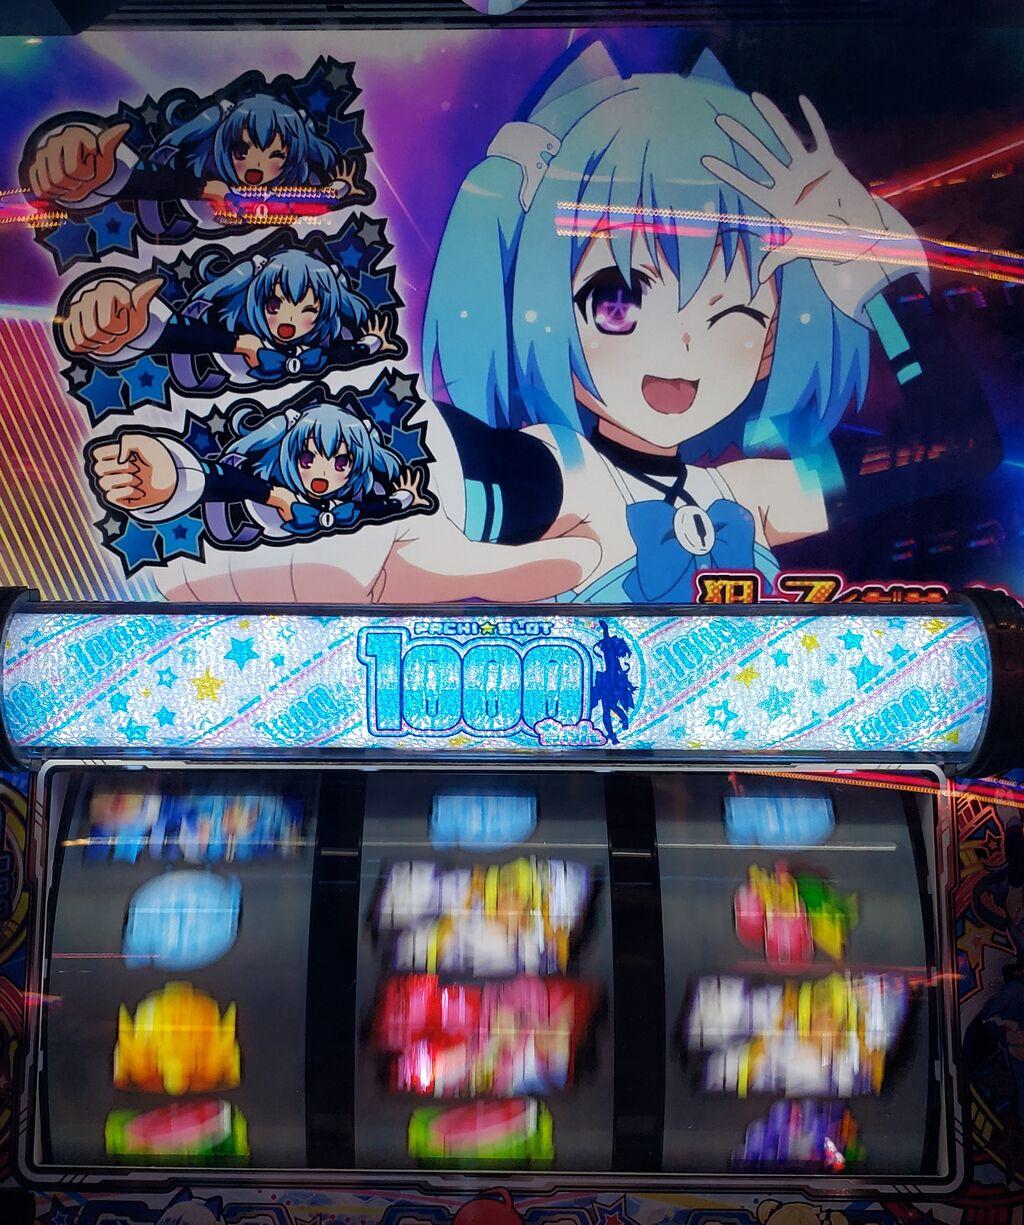 ちゃん ボーナス 1000